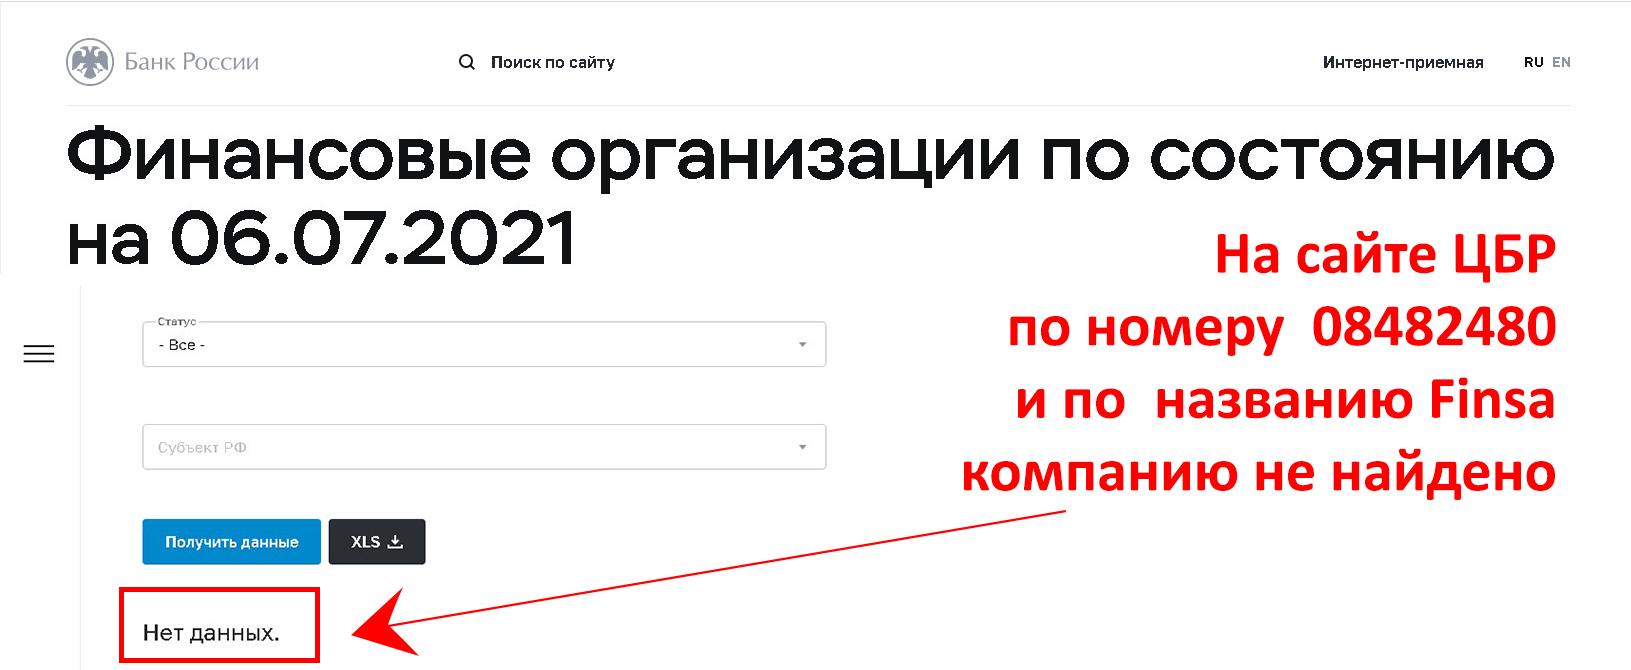 Finsa_регистрация ЦБР